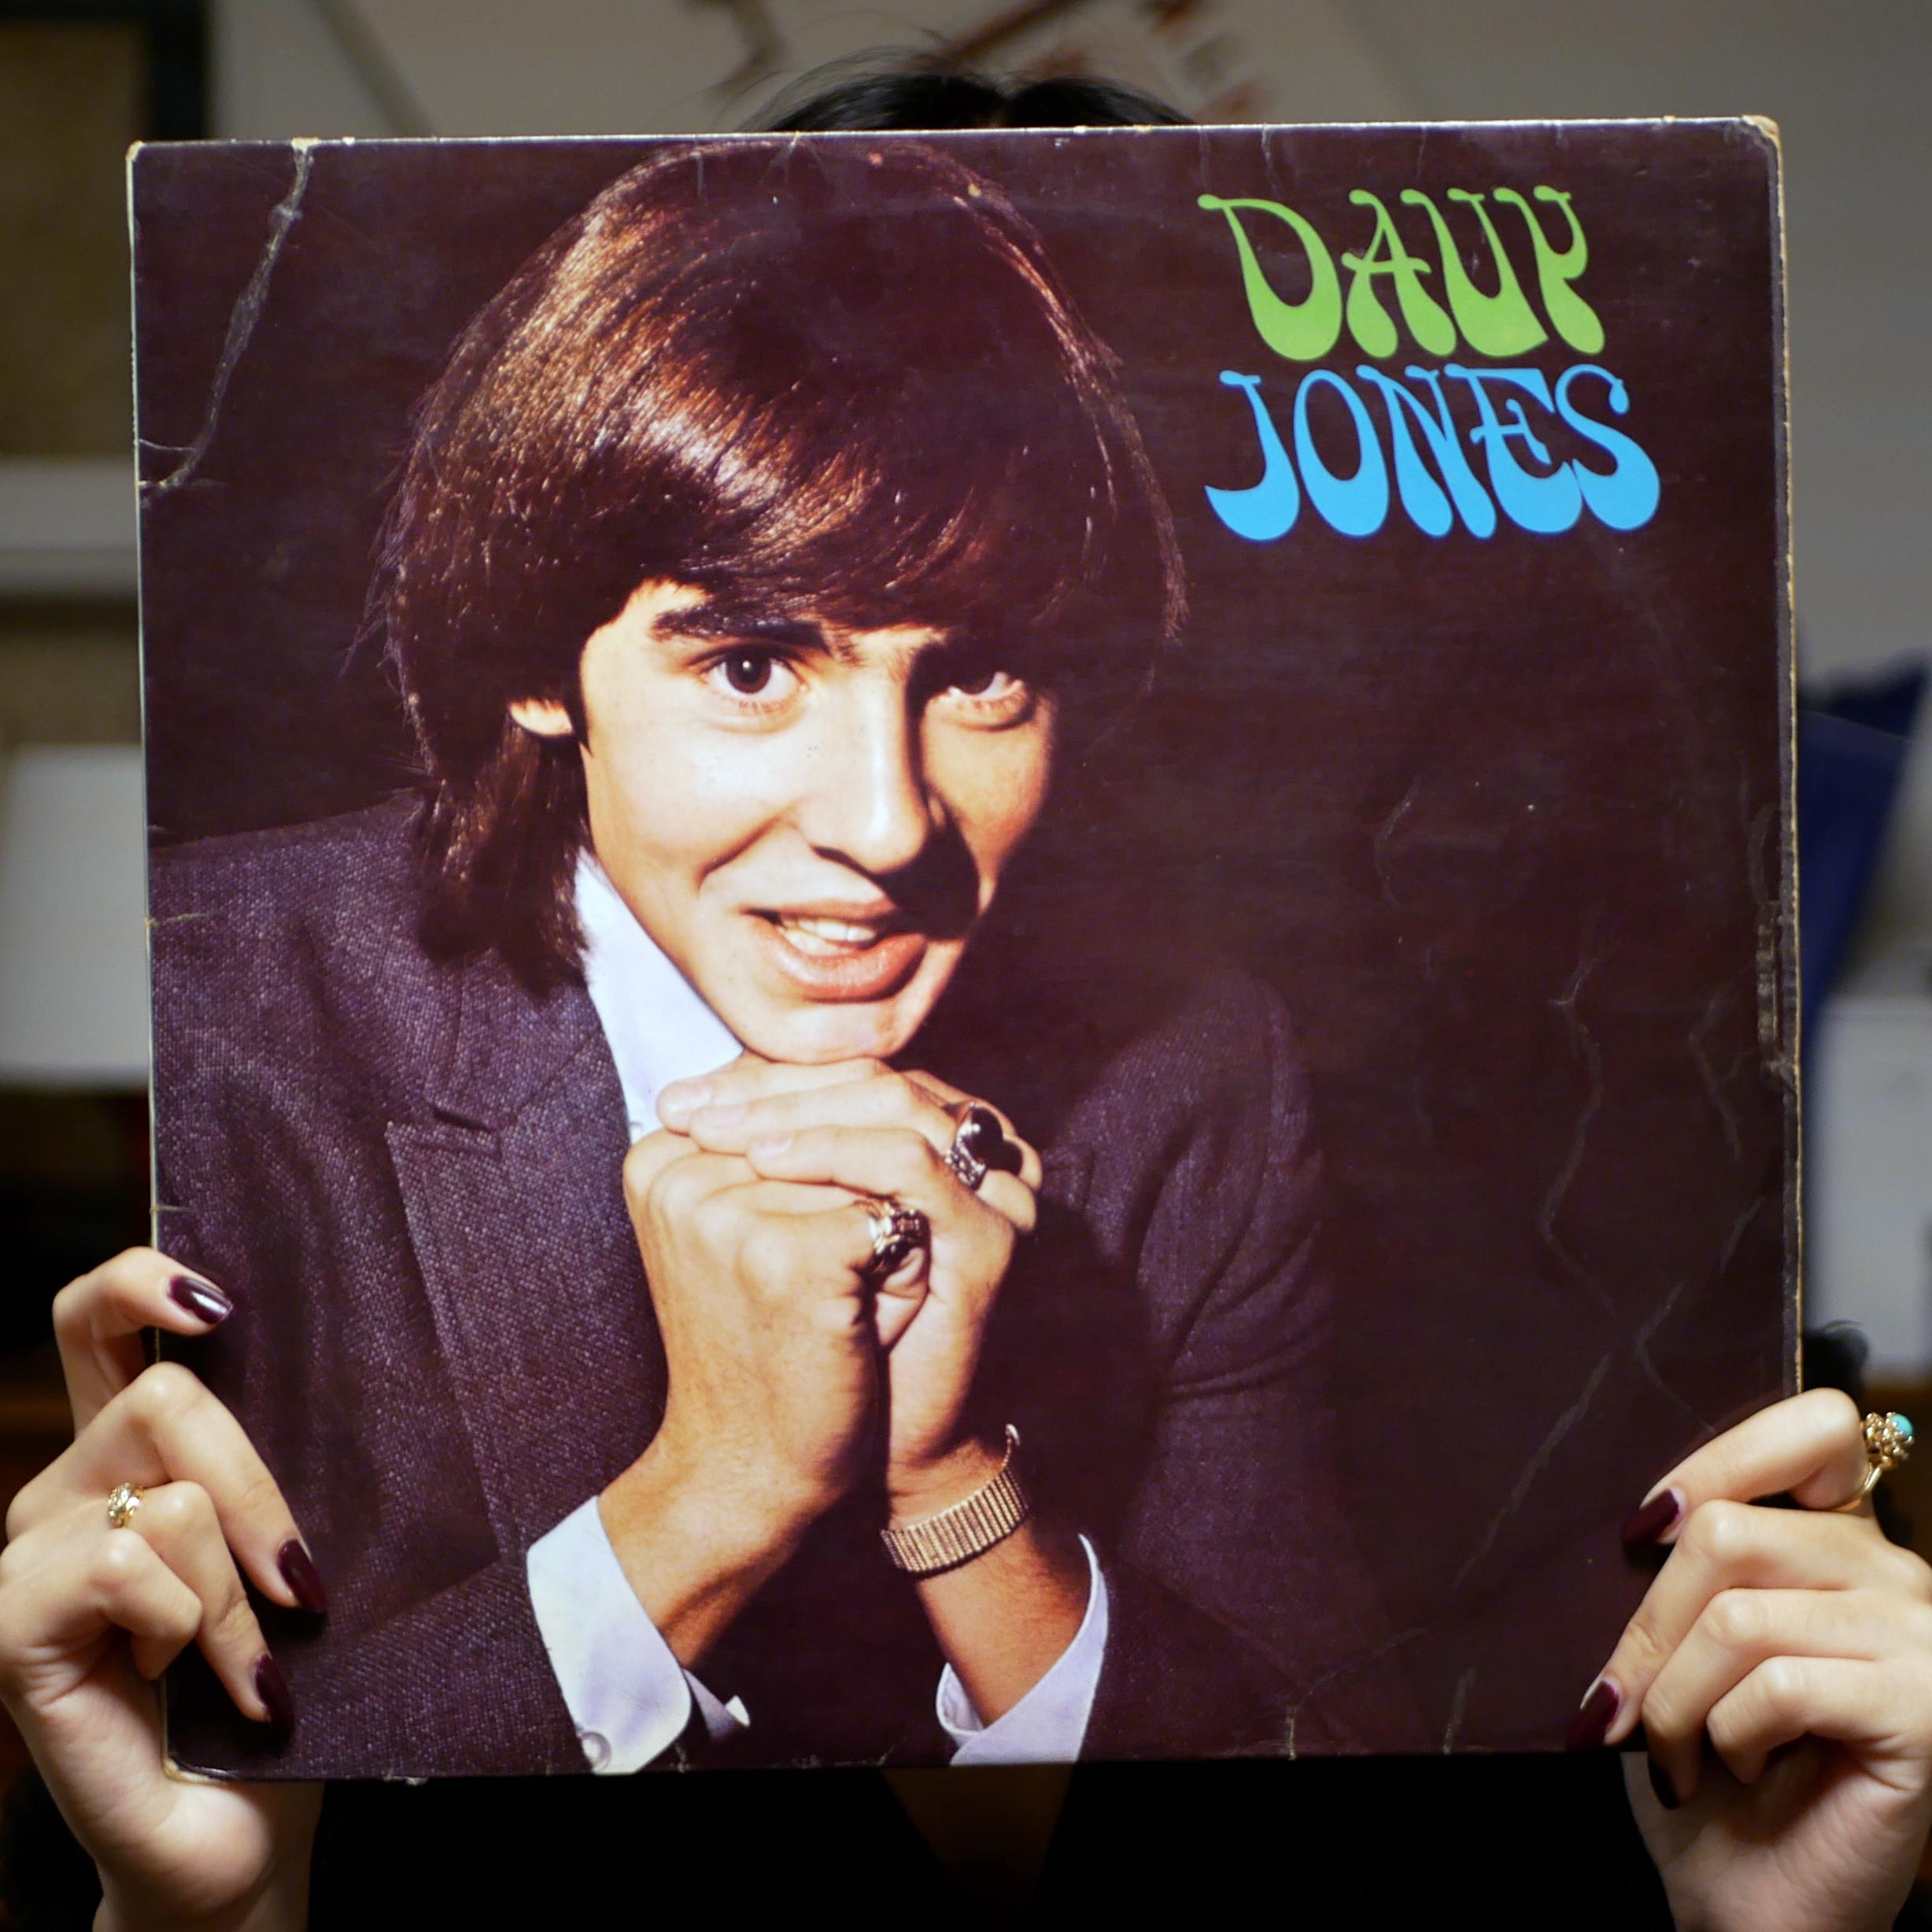 Davy Jones – S/T [LP, 1967]